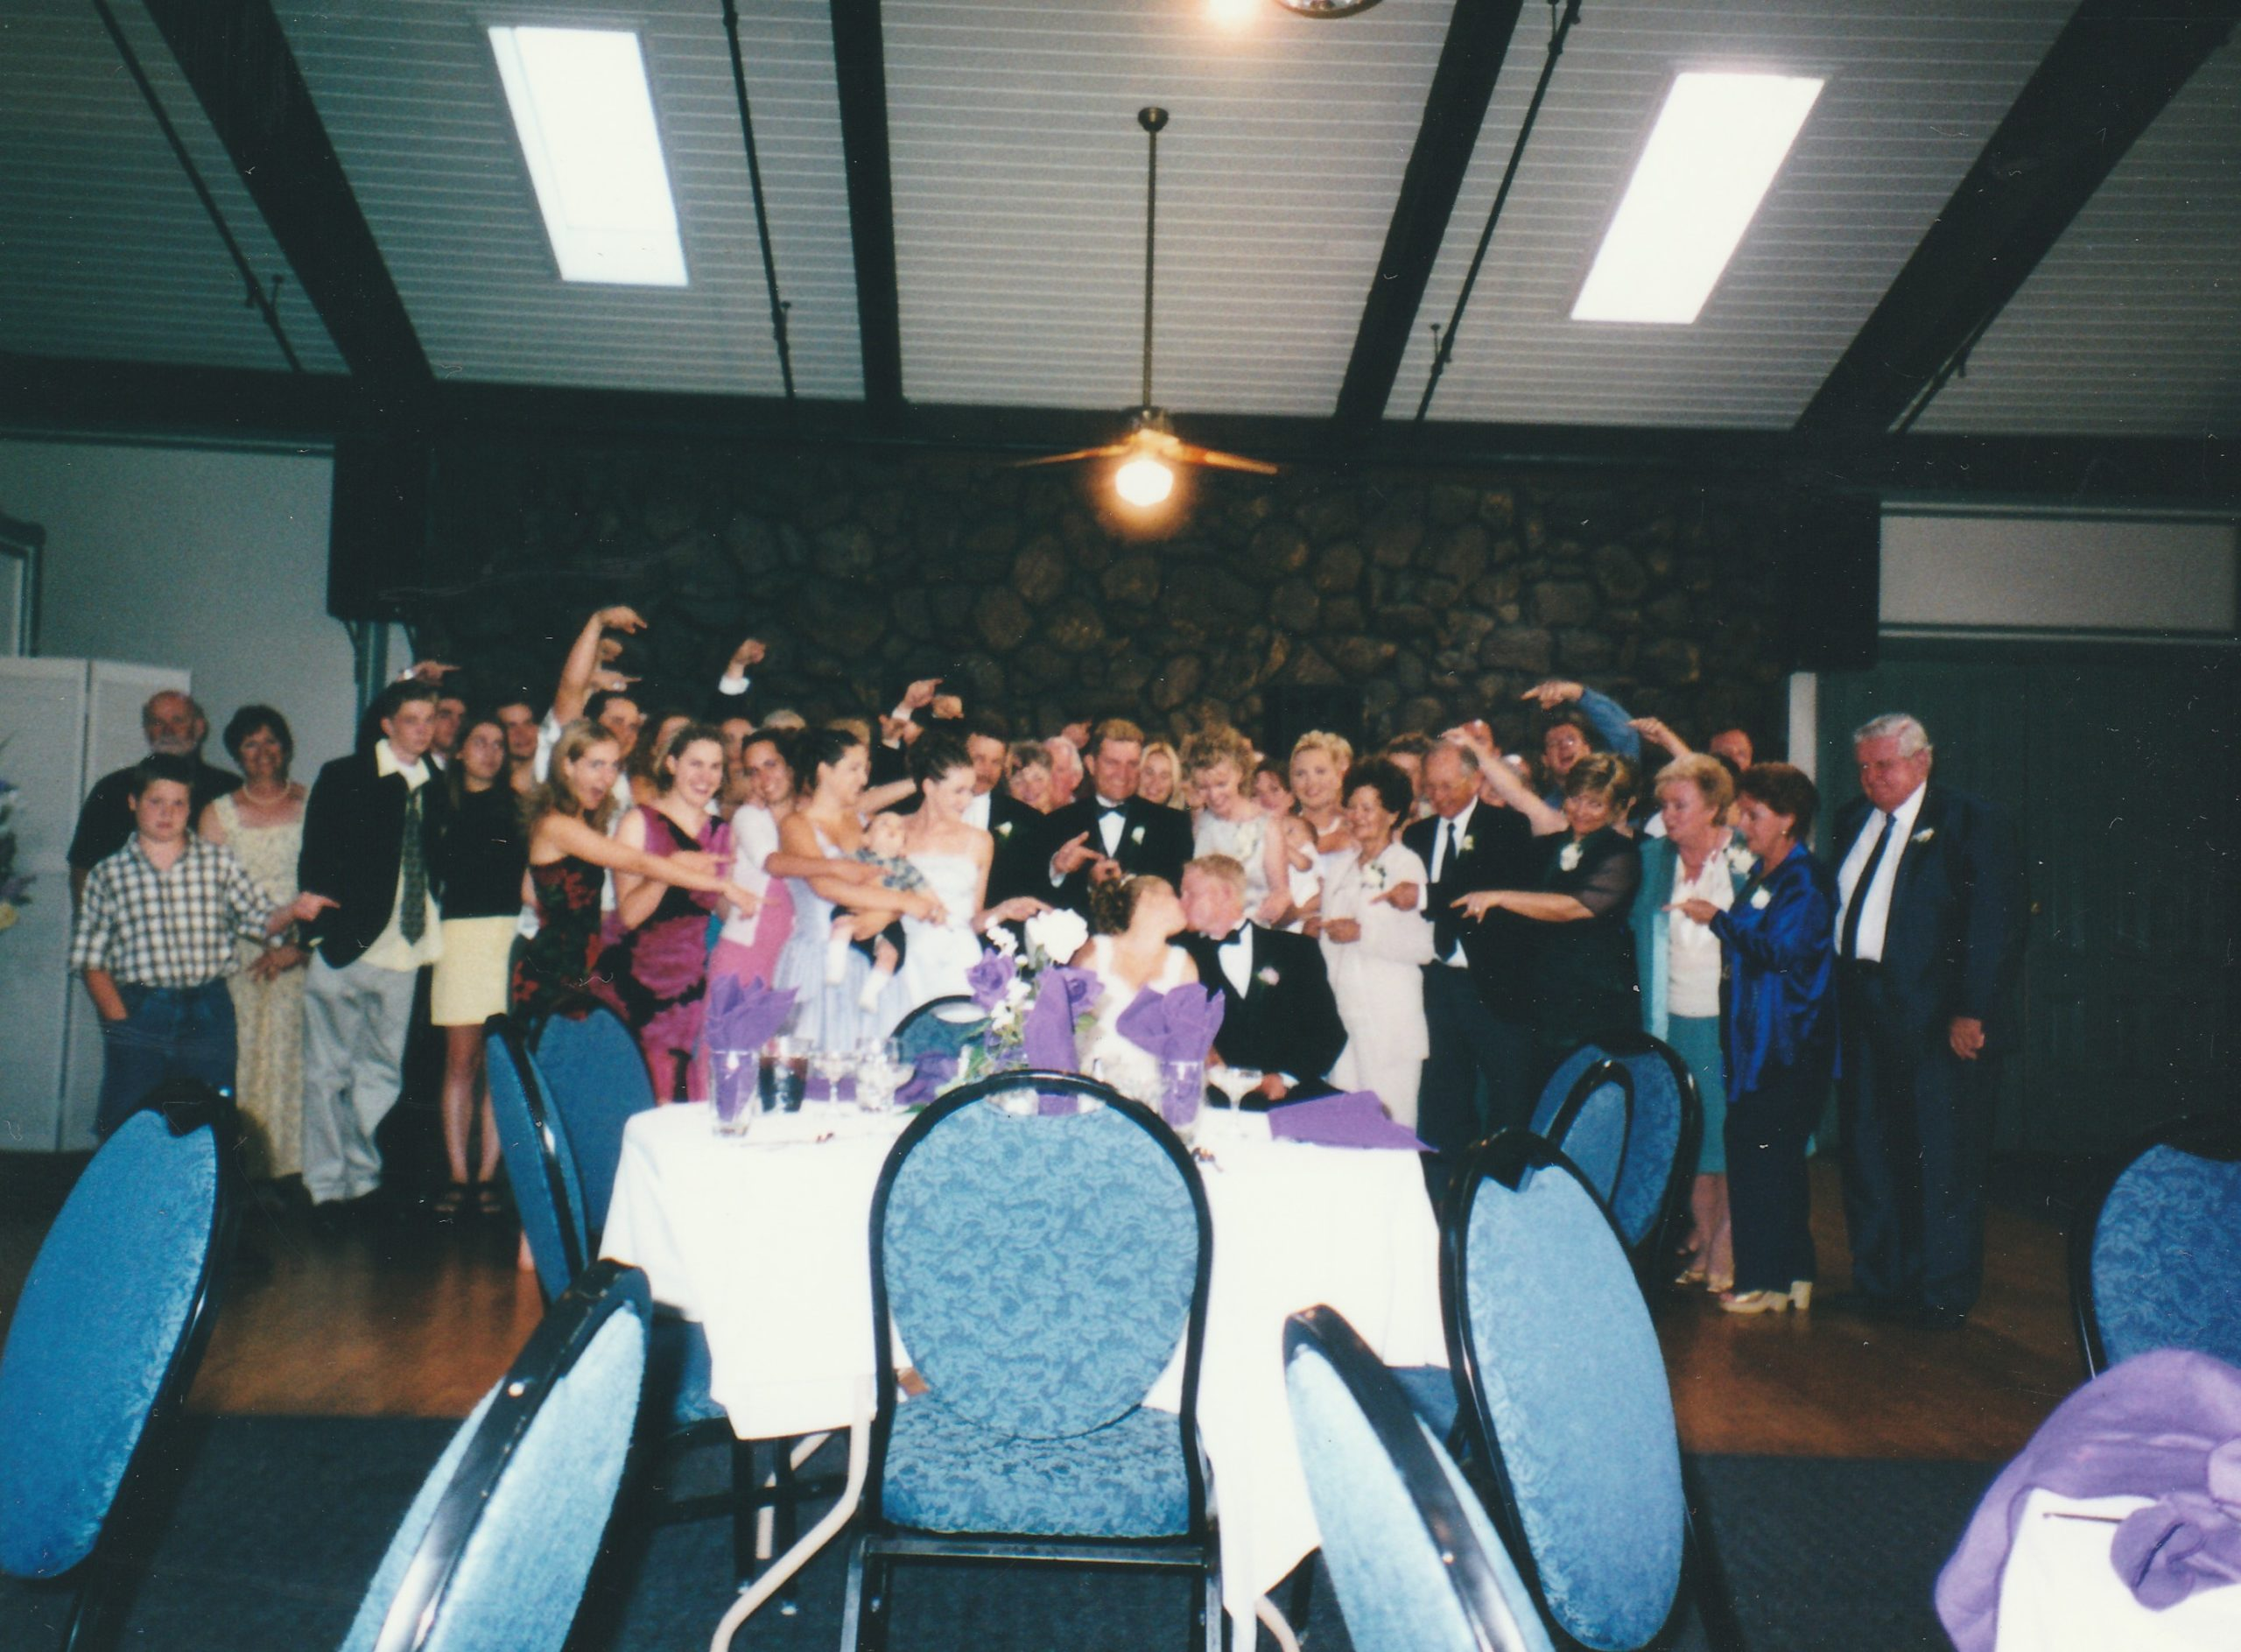 Sacramento wedding